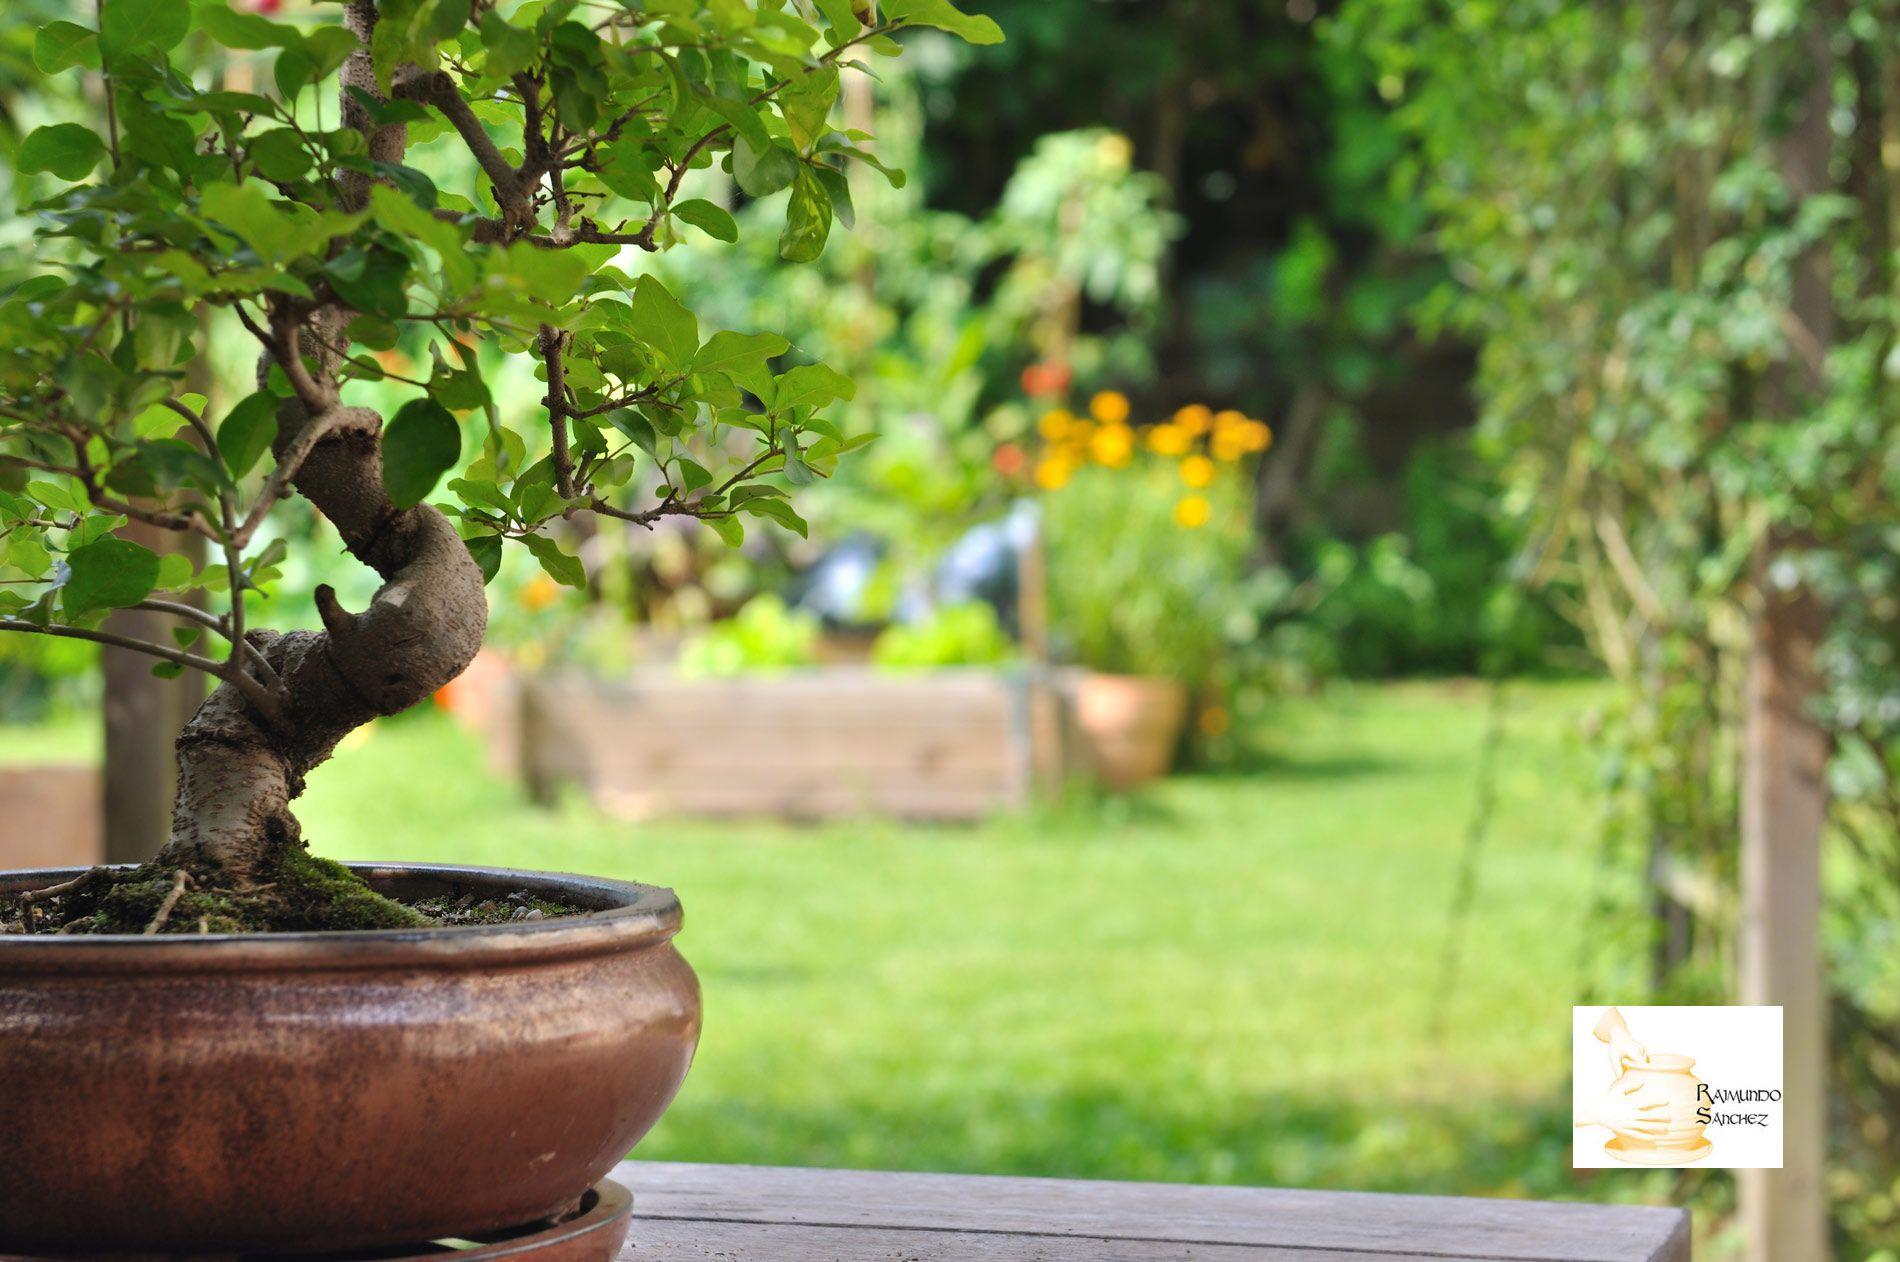 Alfarería Raimundo Sánchez explica las ventajas de usar una maceta de bonsái de barro